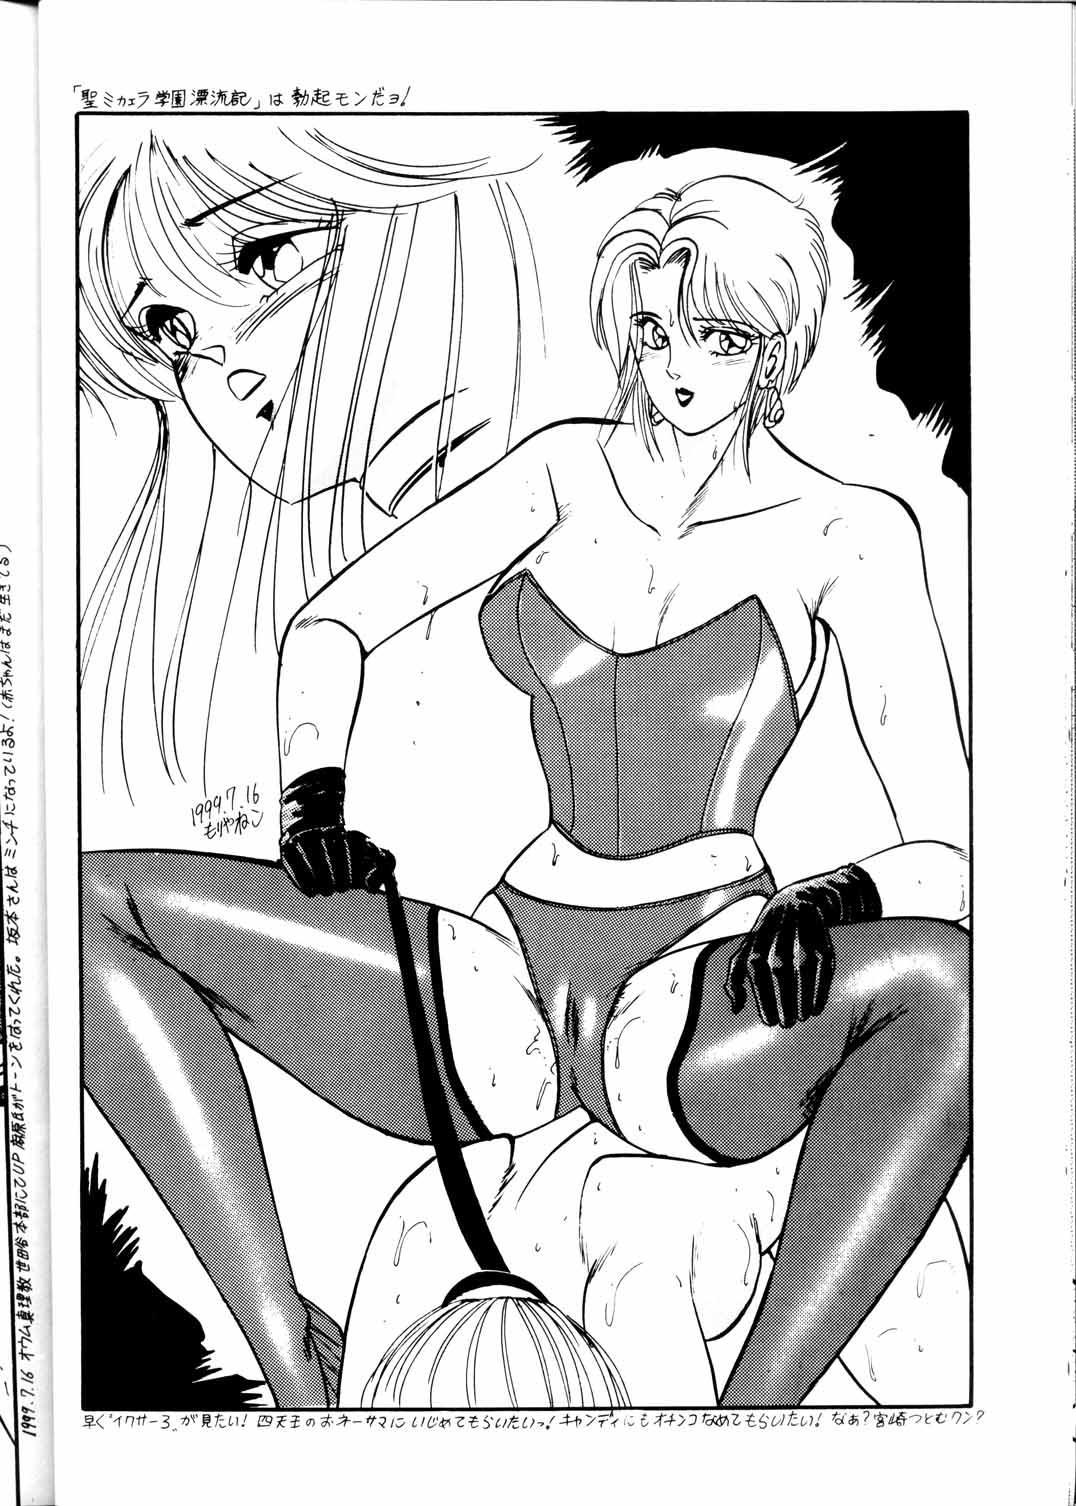 Hobaku Douga Musume 33